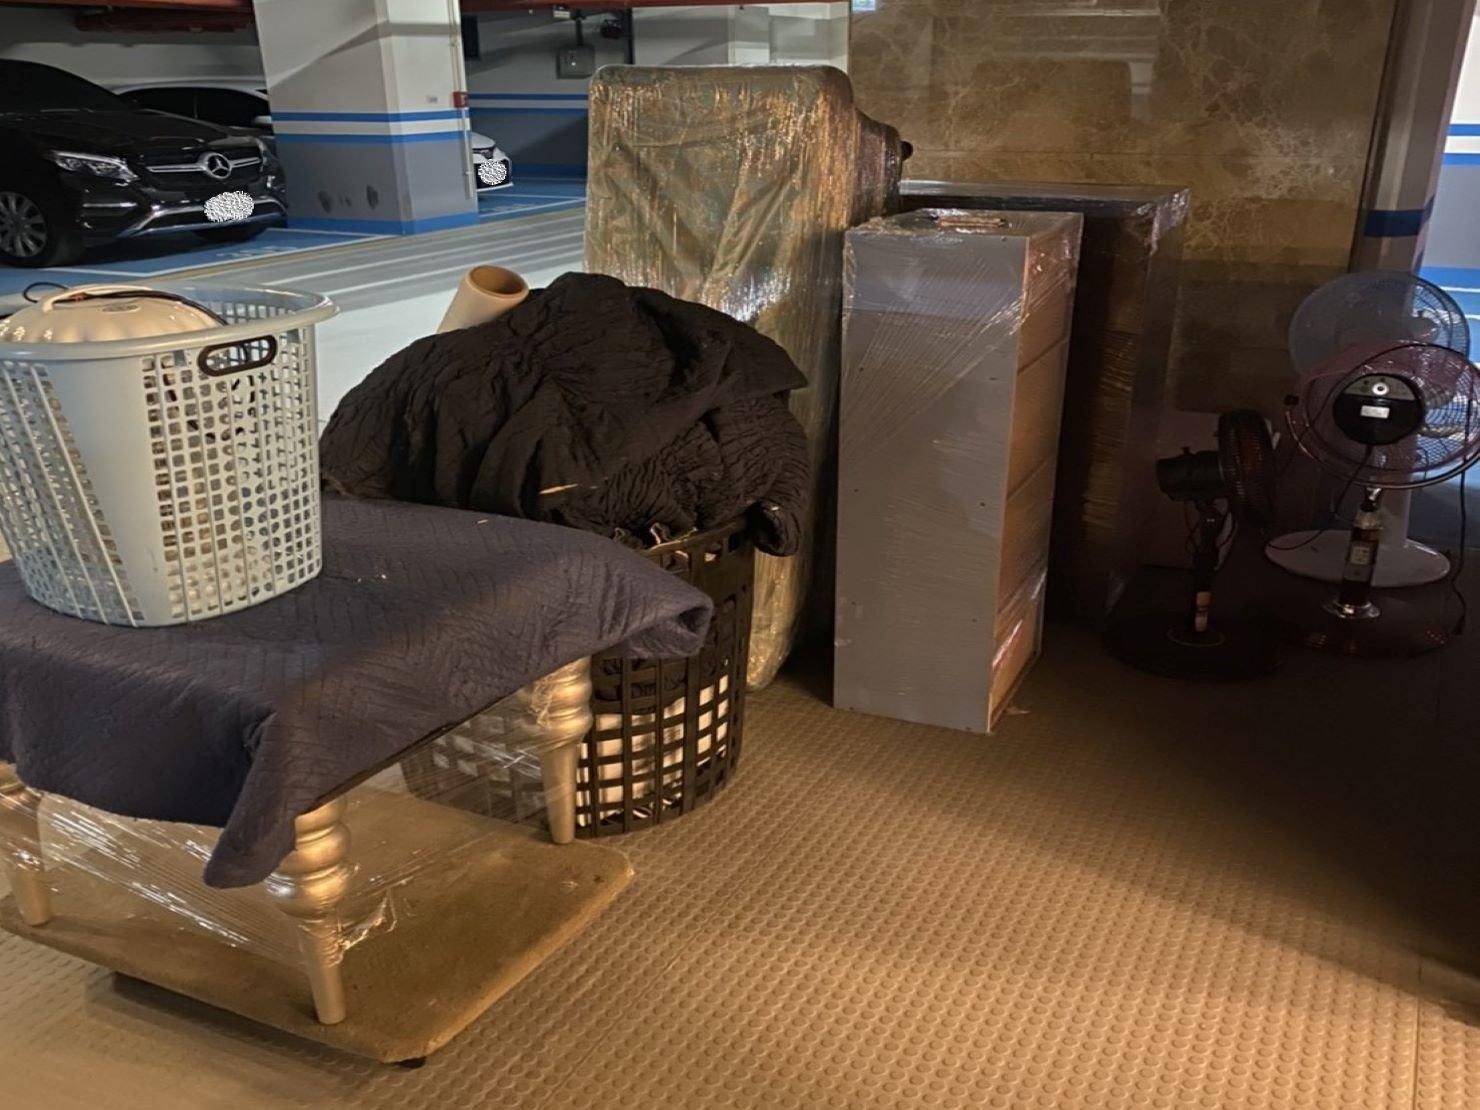 搬家公司【榮福搬家公司】台北搬家、台北搬家推薦值得您的信賴與選擇:師傅們會依現場的包裝材料來分配給須包裝的家具物件作防護。